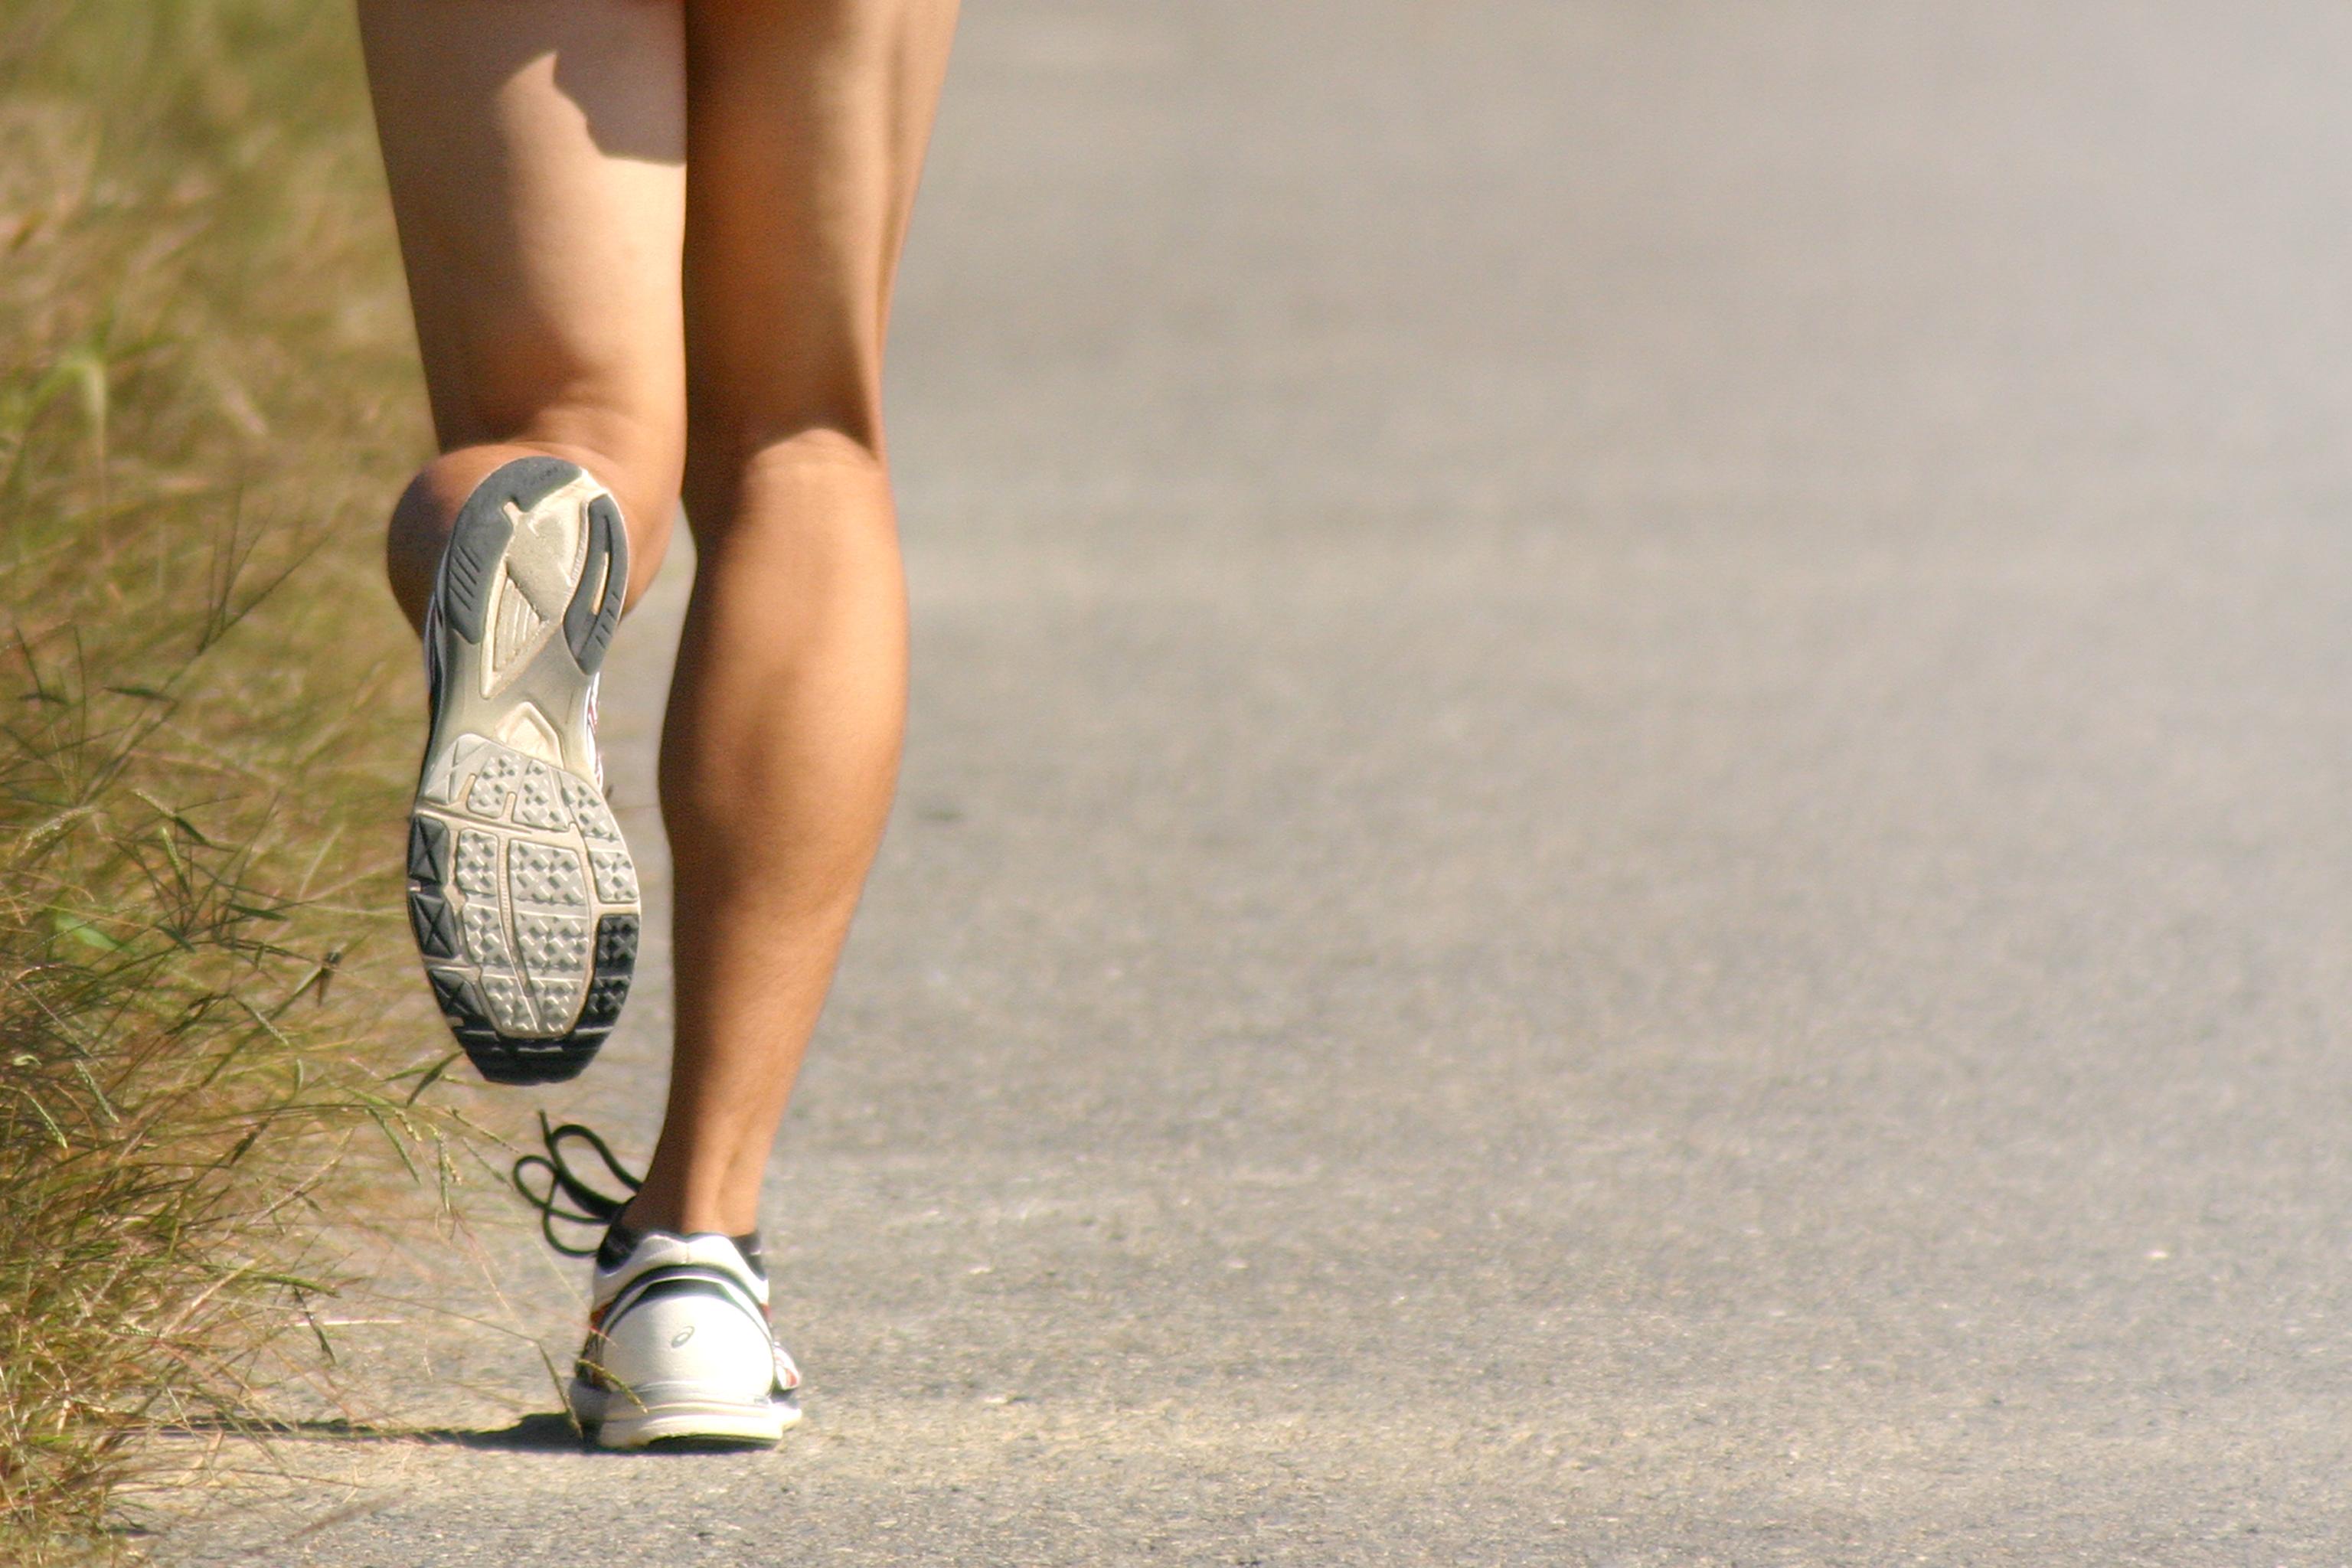 こんなに太腿の太さが変わって、歩きやすくなるんですか?